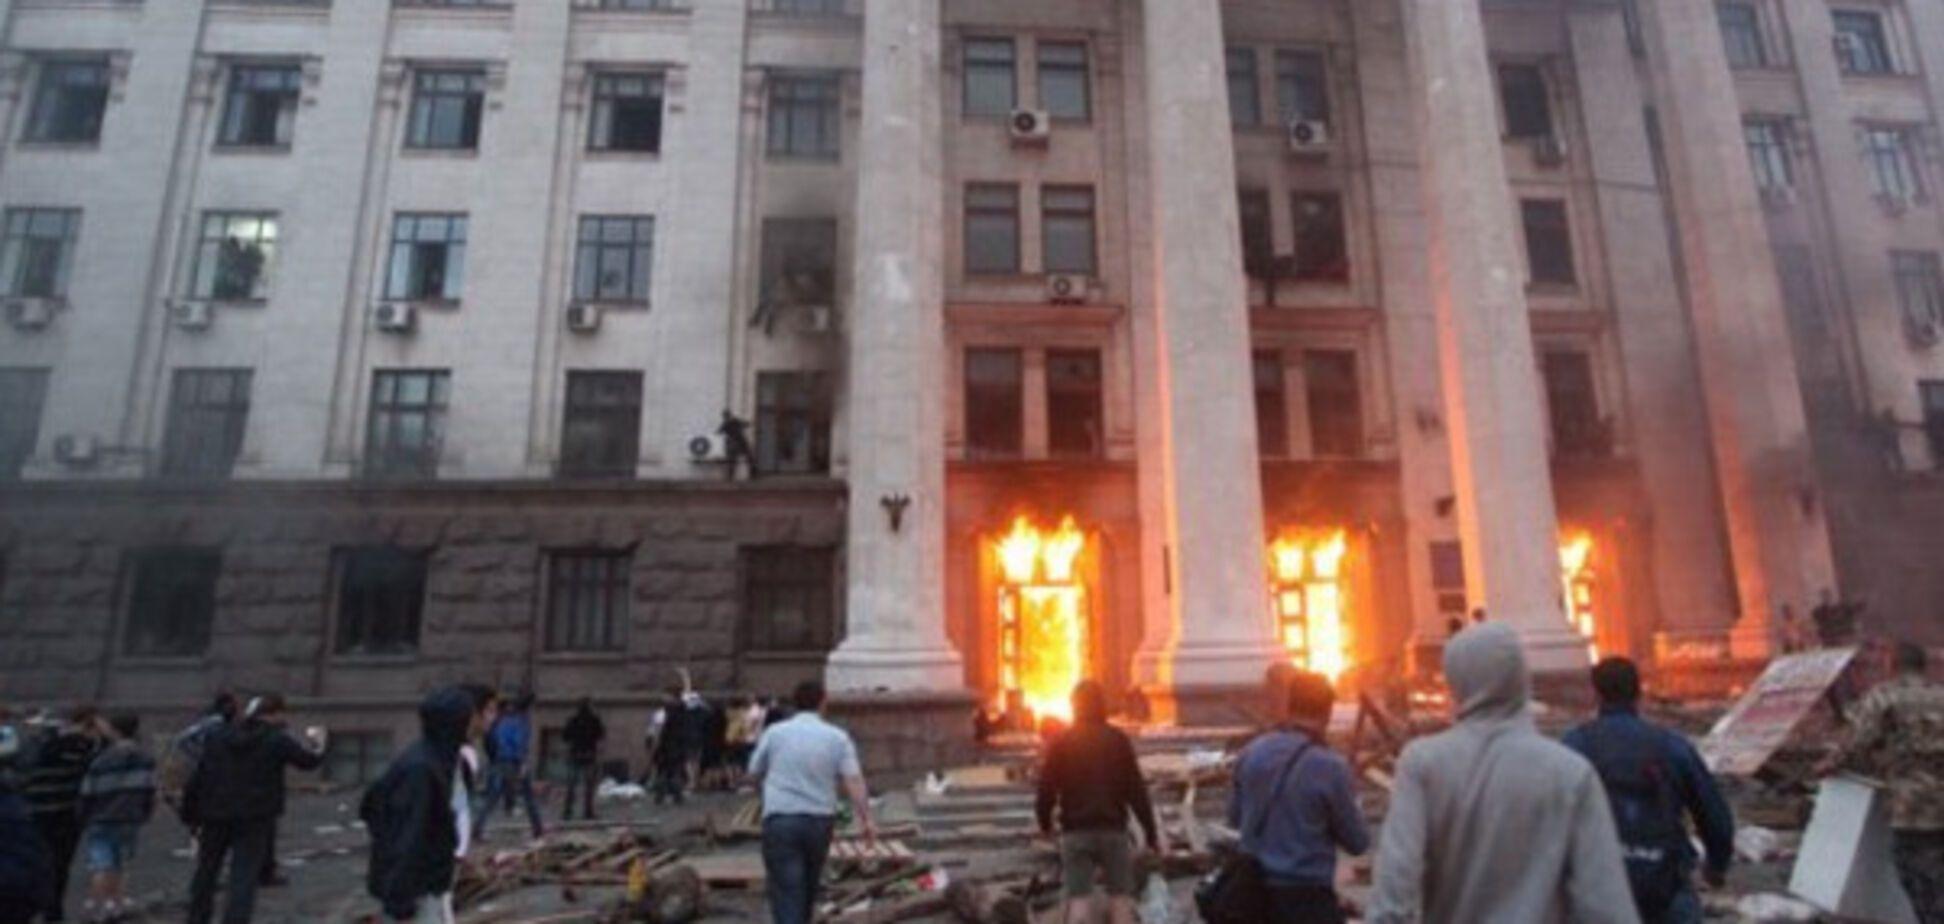 Друге травня, Одеса: ми дійсно пам'ятаємо